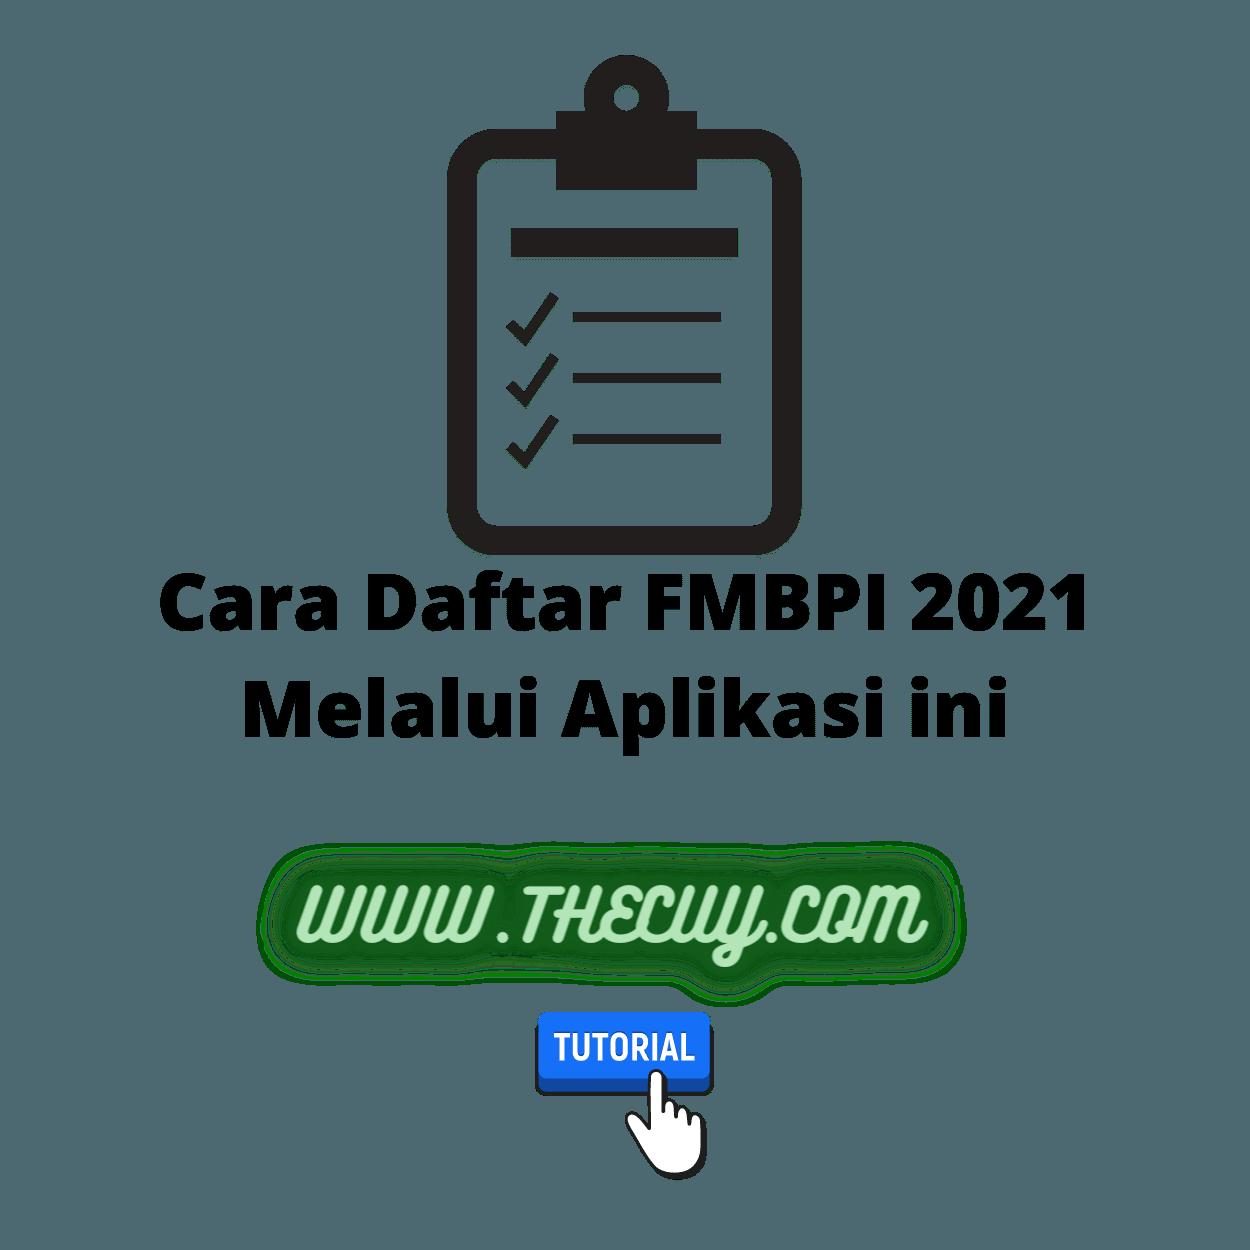 Cara Daftar FMBPI 2021 Melalui Aplikasi ini